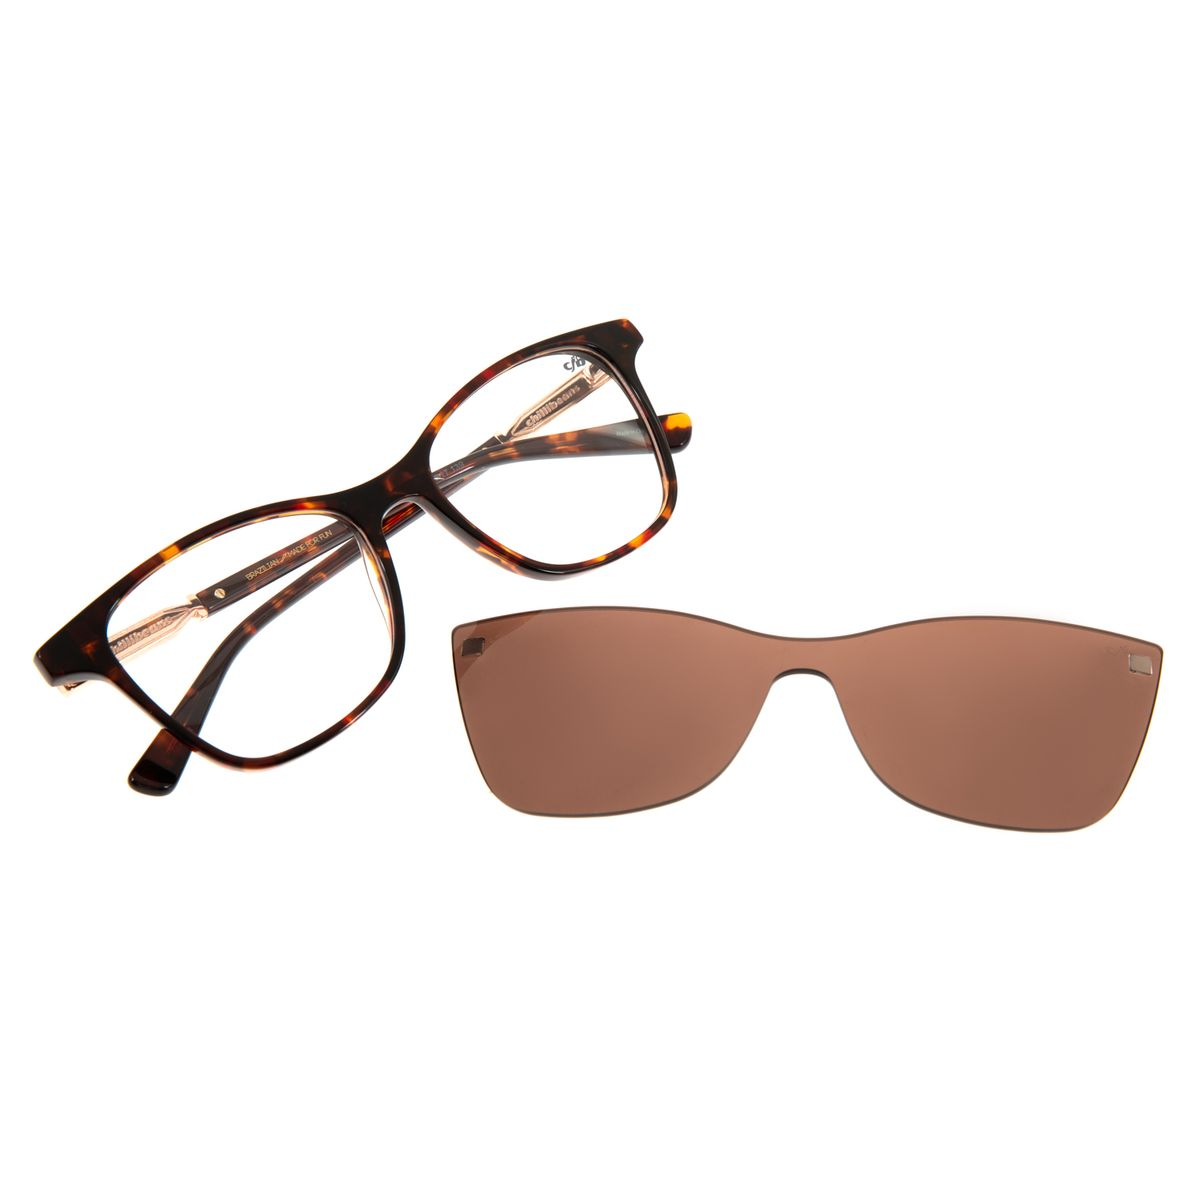 dd94aa562 Armação Para Óculos De Grau Feminino Chilli Beans 2 em 1 Multi ...